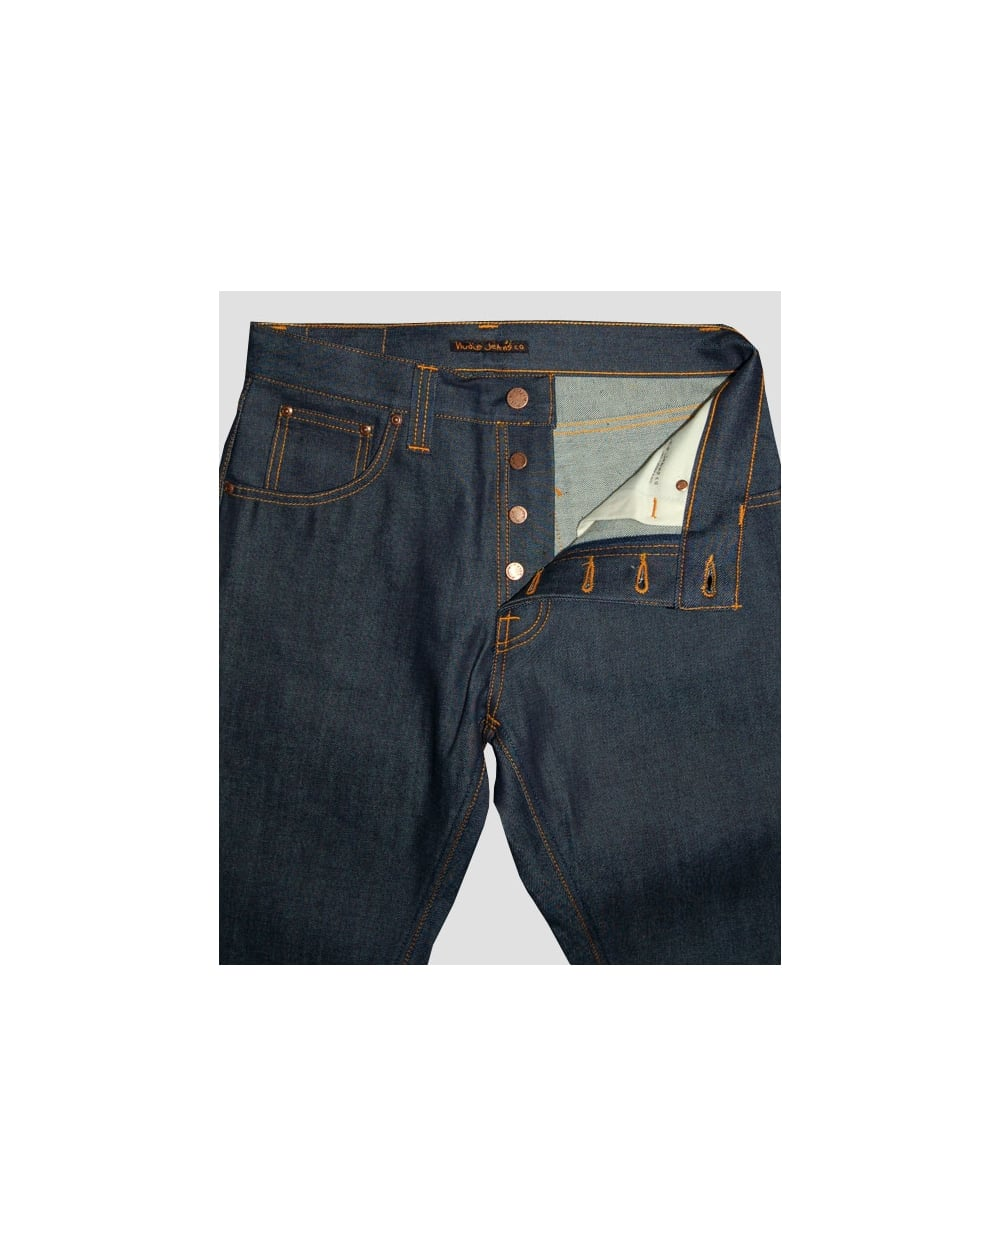 nudie jeans nudie jeans steady eddie organic tonal dry navy nudie jeans from originals footwear uk. Black Bedroom Furniture Sets. Home Design Ideas